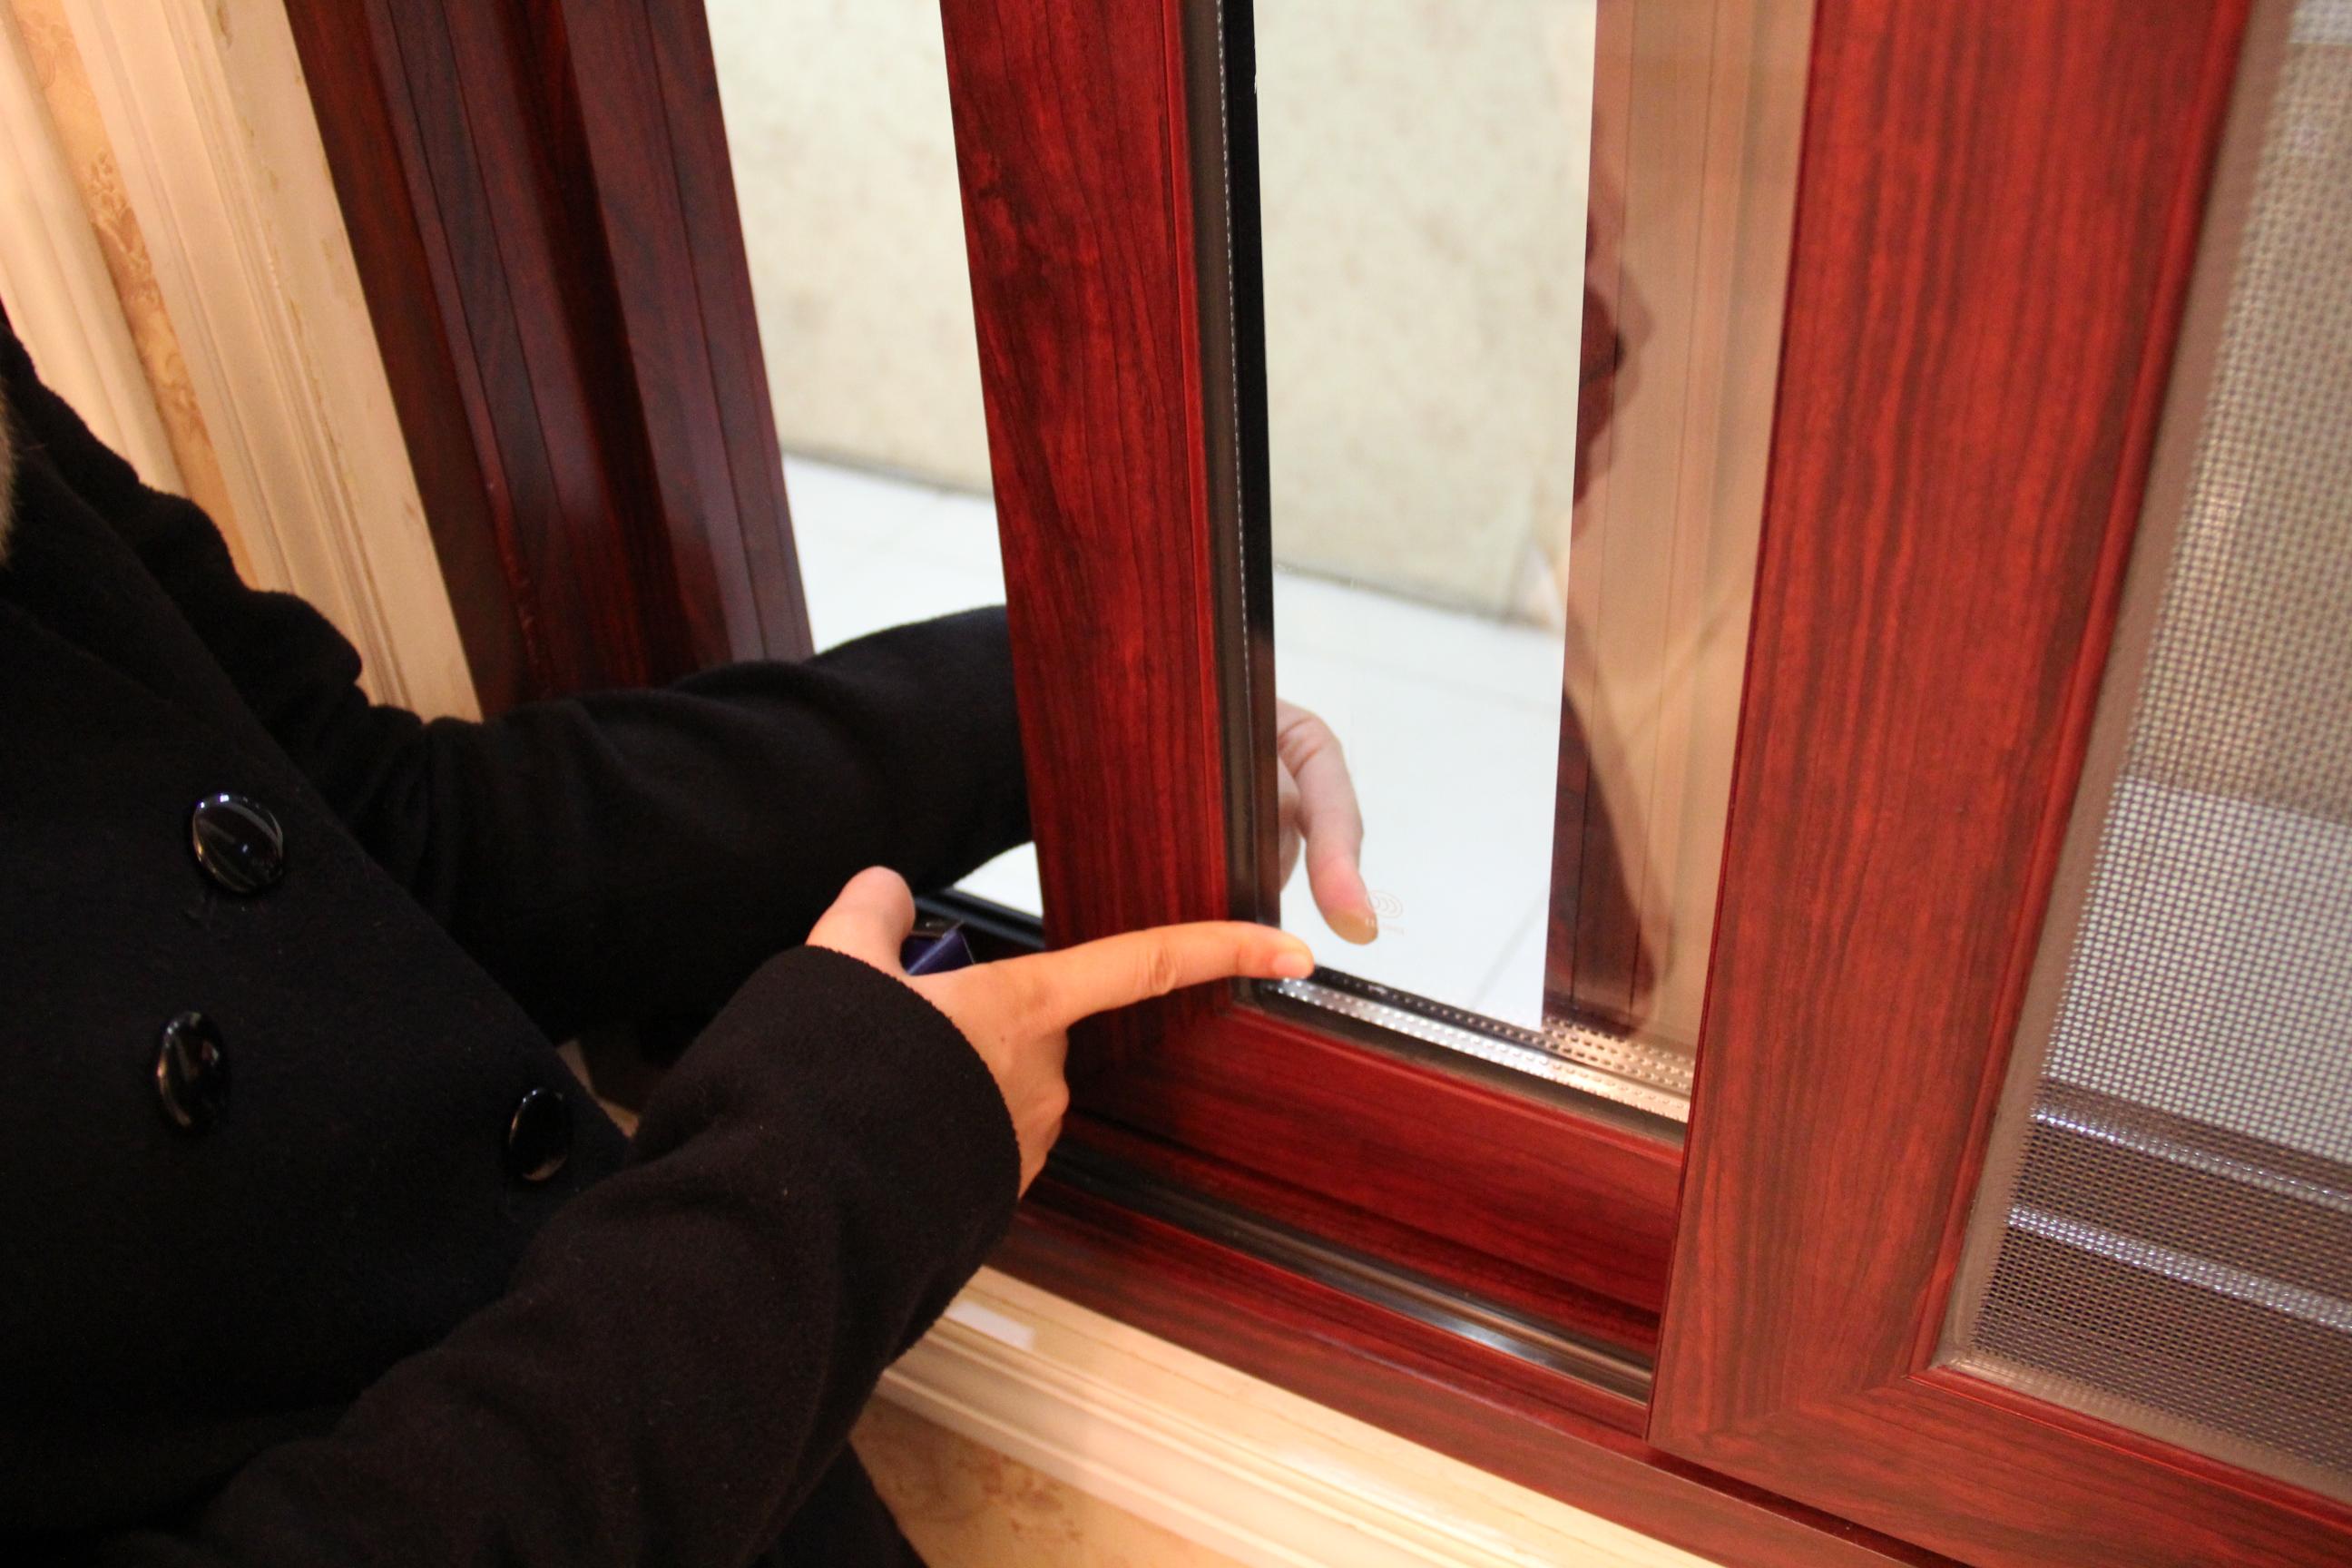 Guangxi factoty produce aluminum frame sliding window